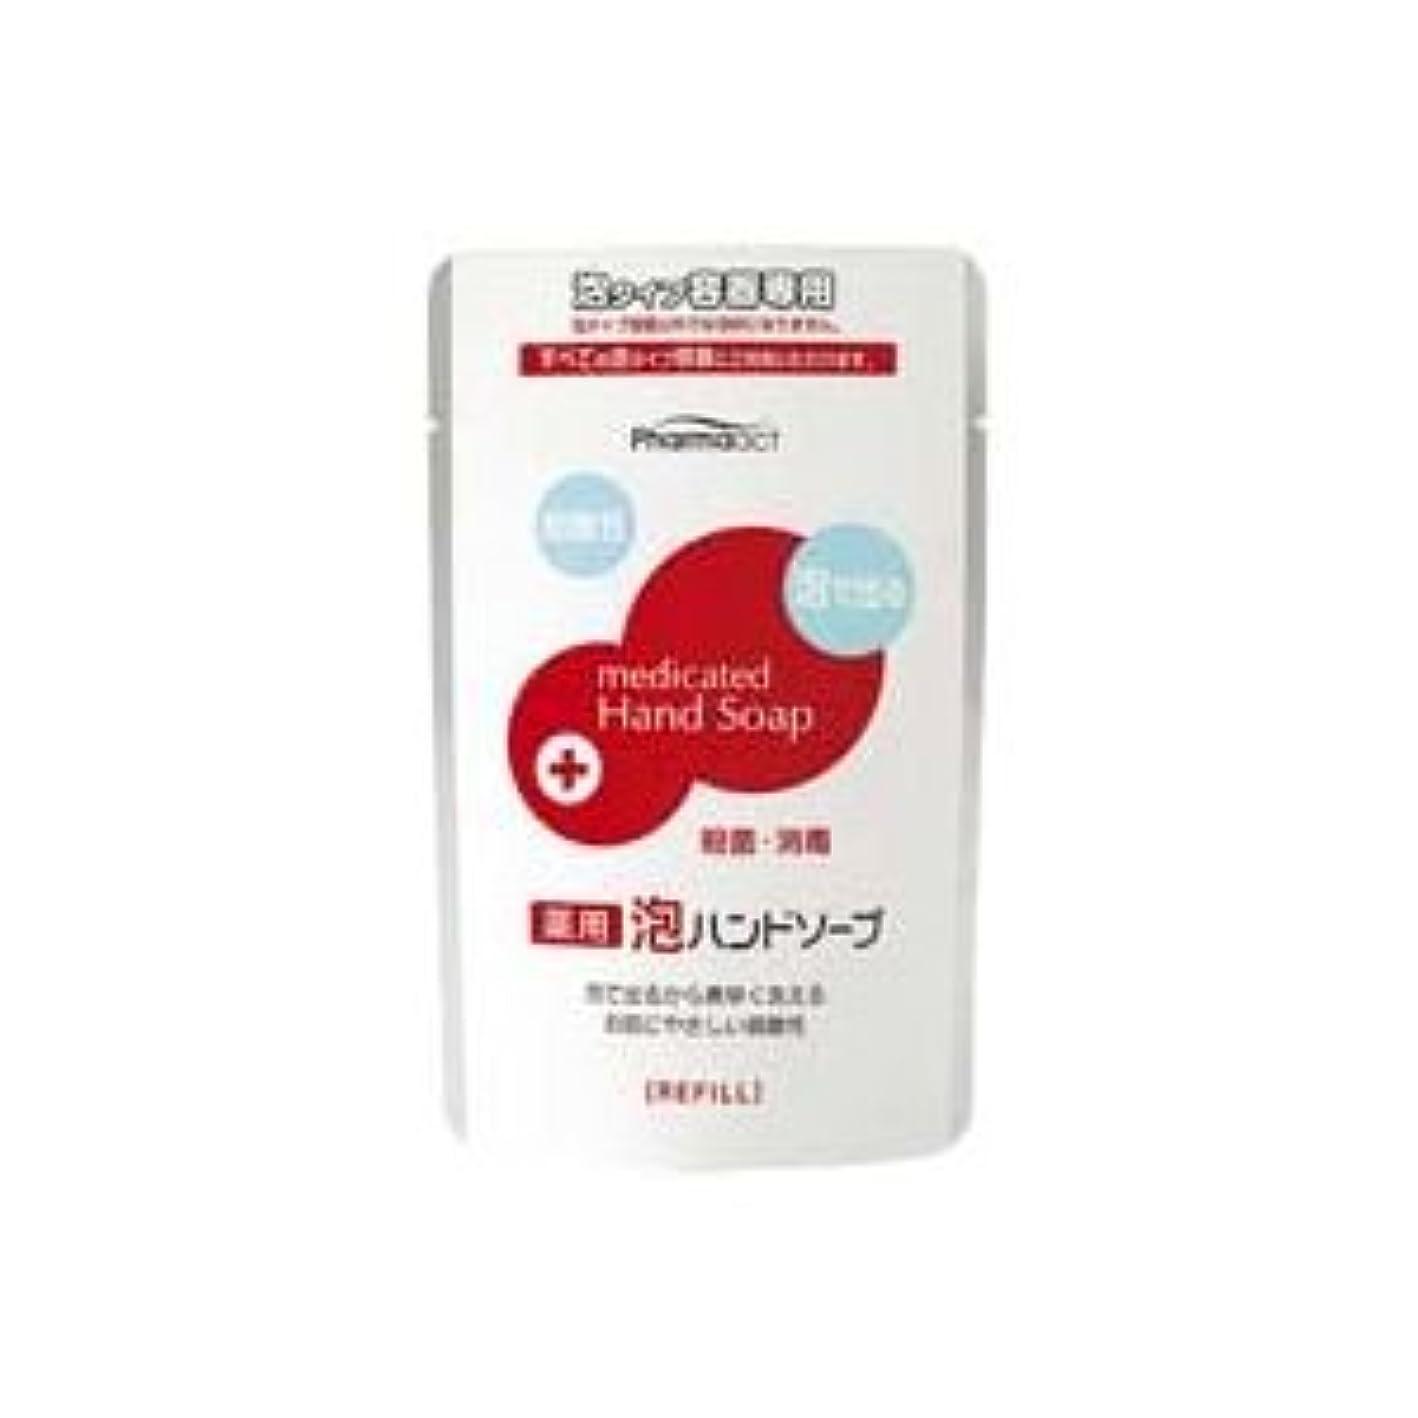 凍ったケーキクアッガ(業務用20セット)熊野油脂 ファーマアクト泡ハンドソープ詰替200ml